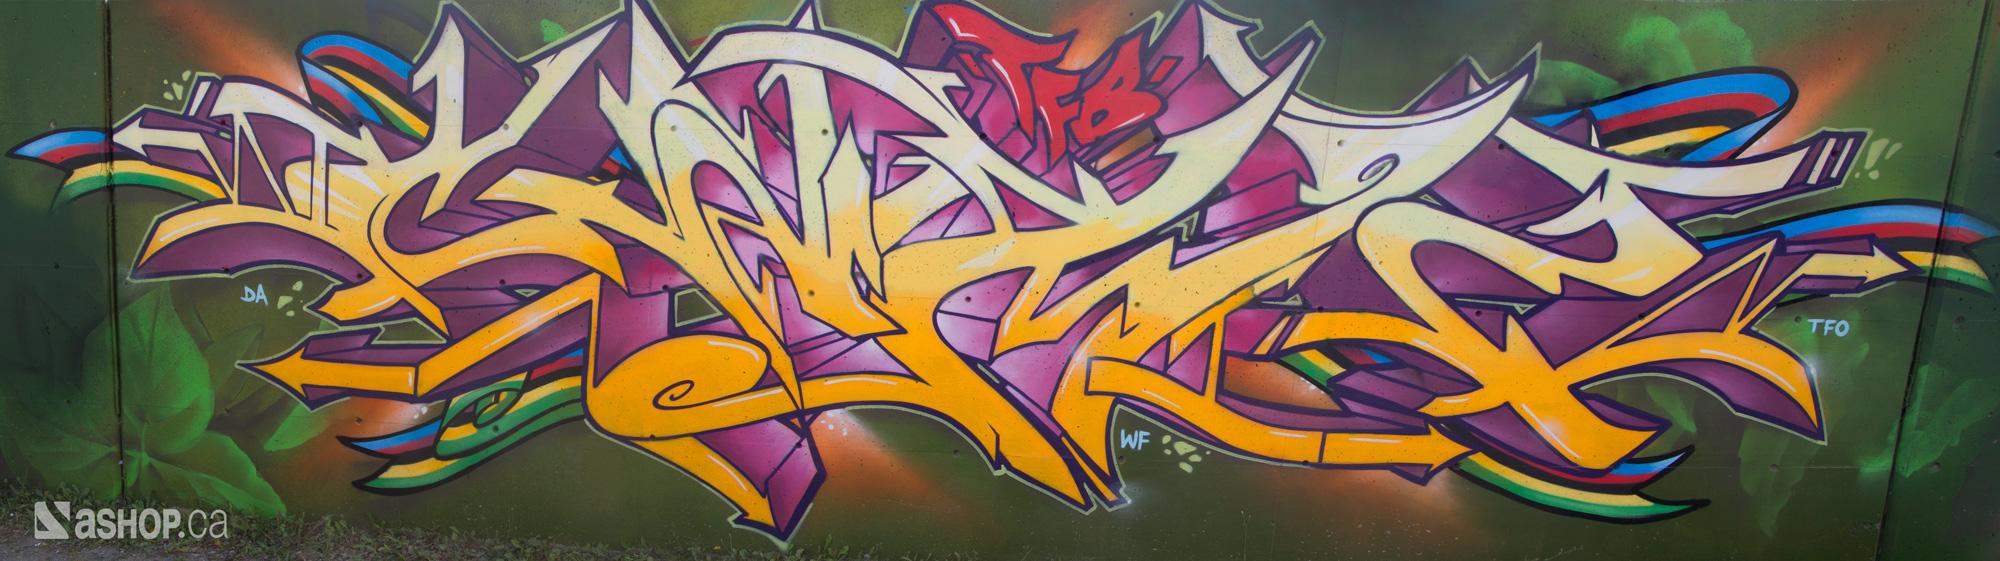 ether_ashop_a'shop_mural_murales_graffiti_street_art_montreal_paint_cheminvert_WEB.jpg